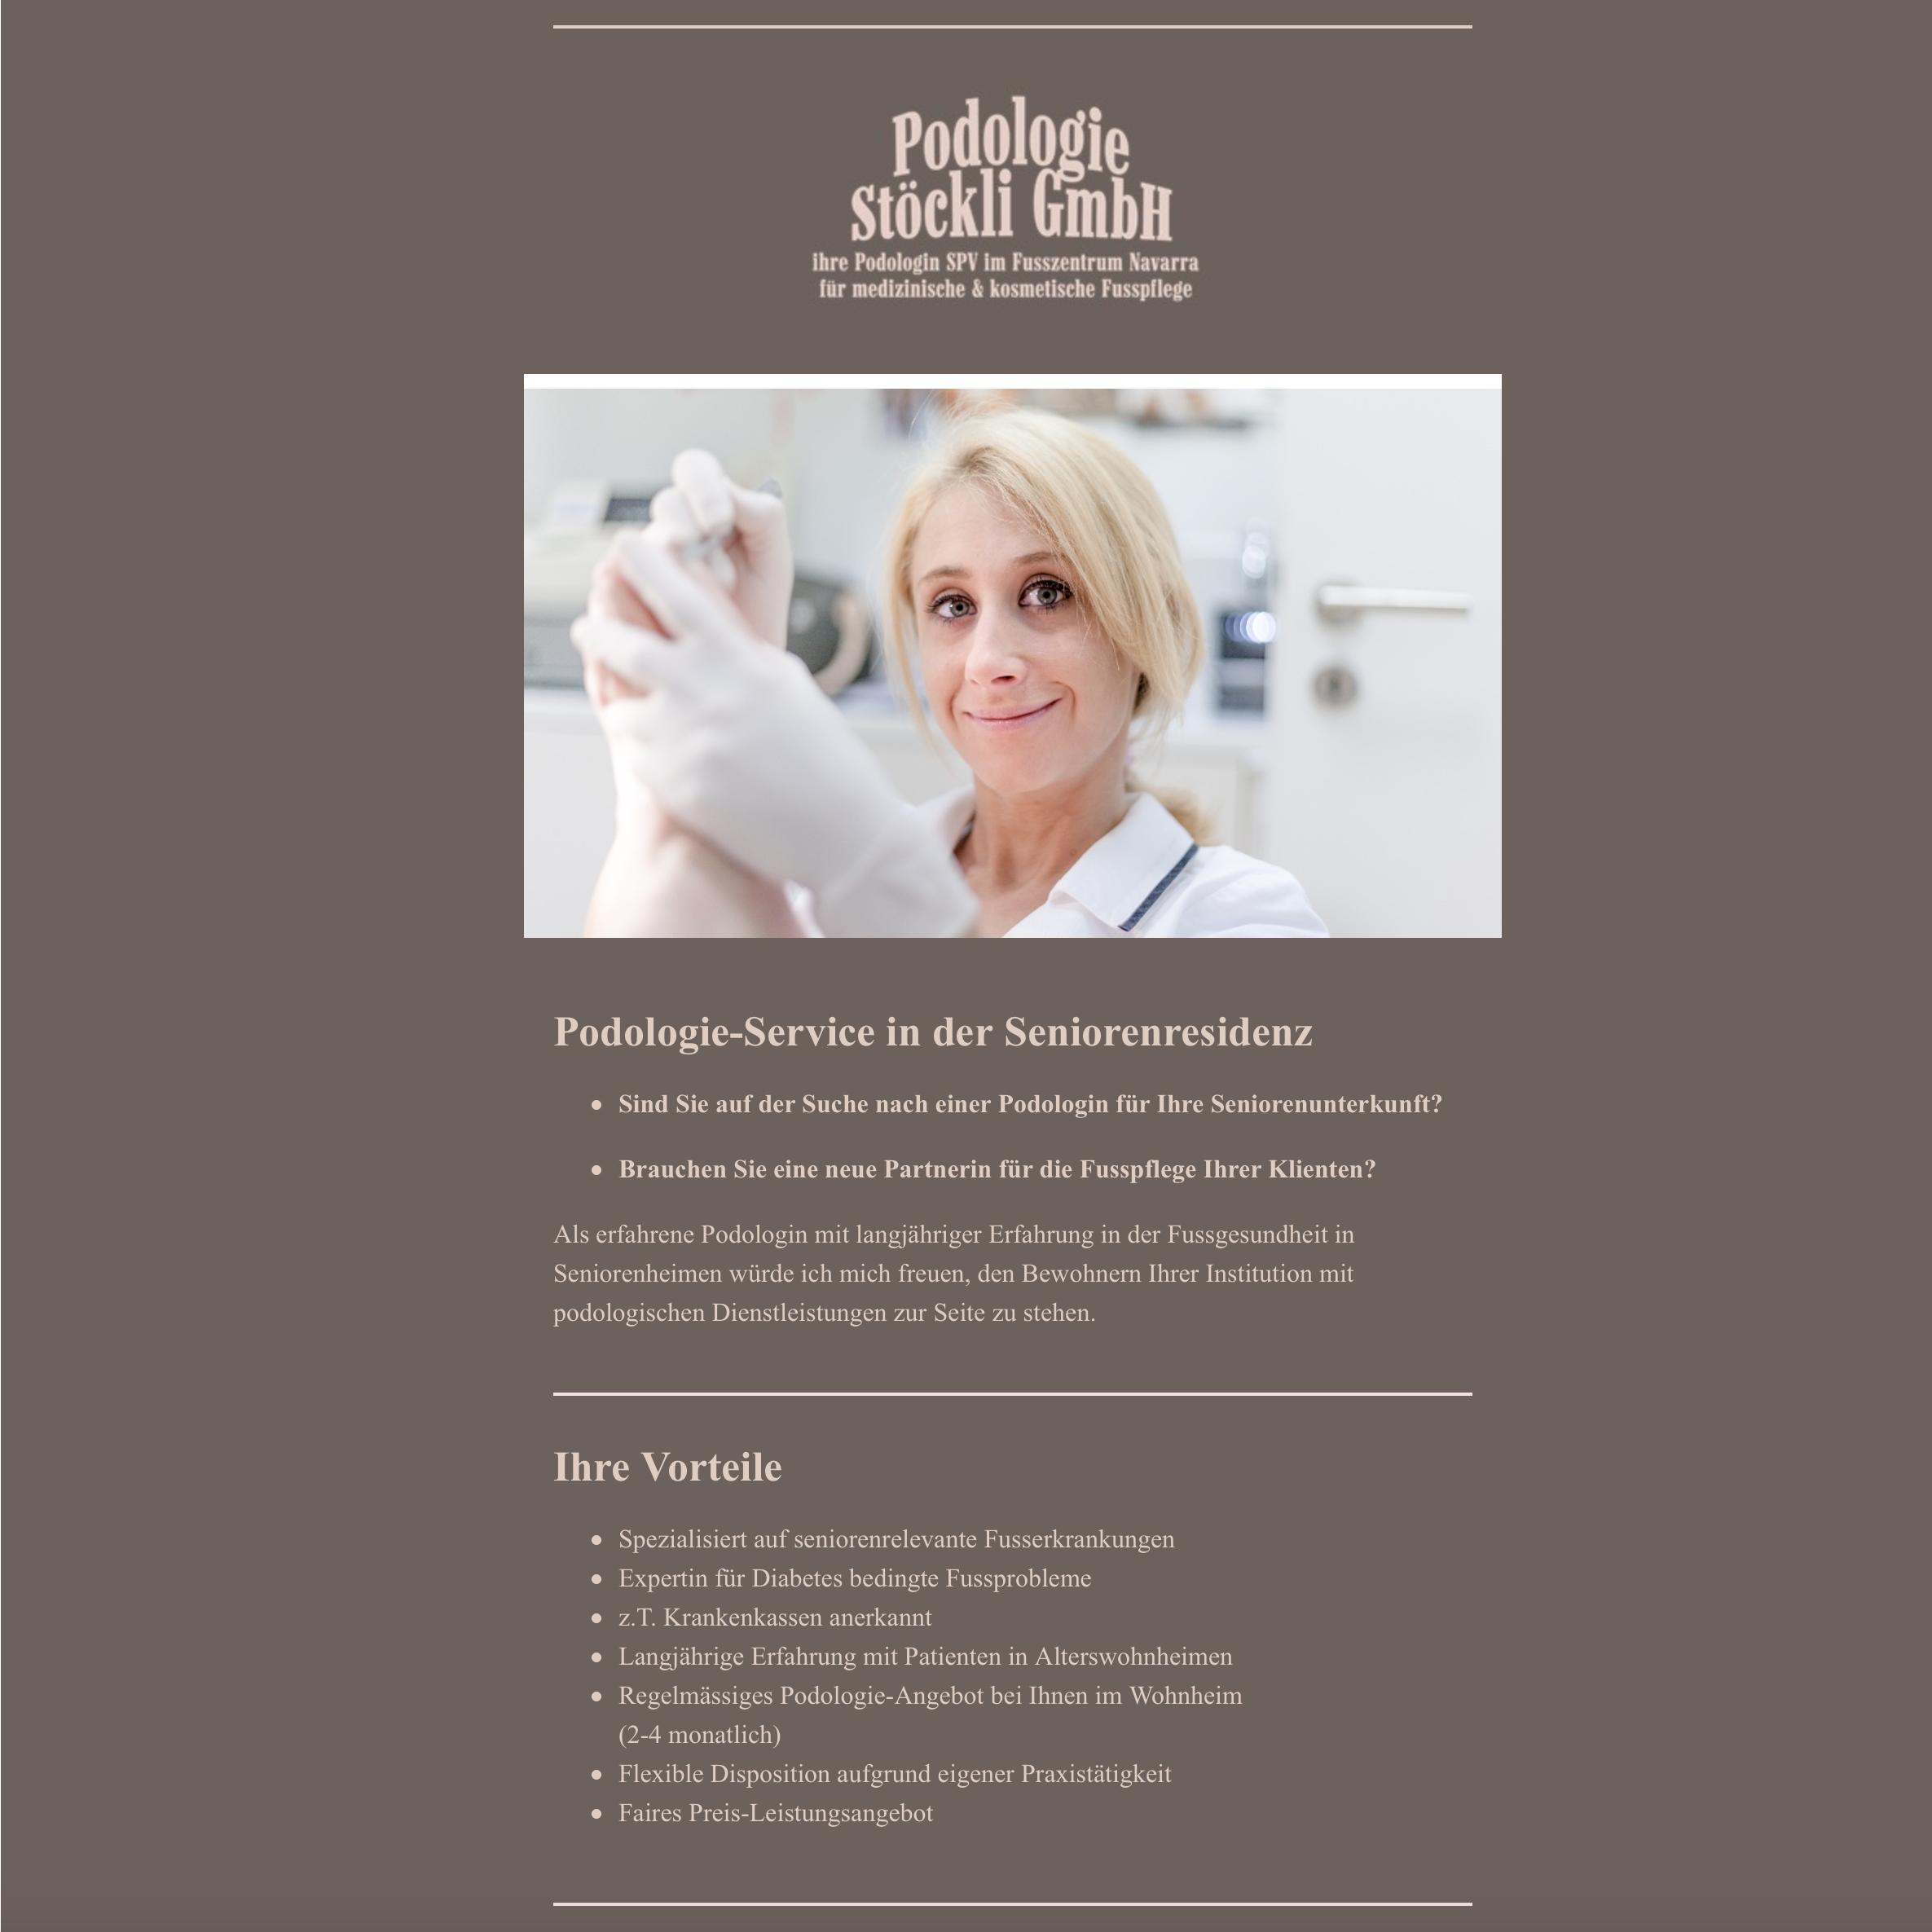 digitaler-newsletter-podologie-stoeckli-partnersingmbh-1.jpg